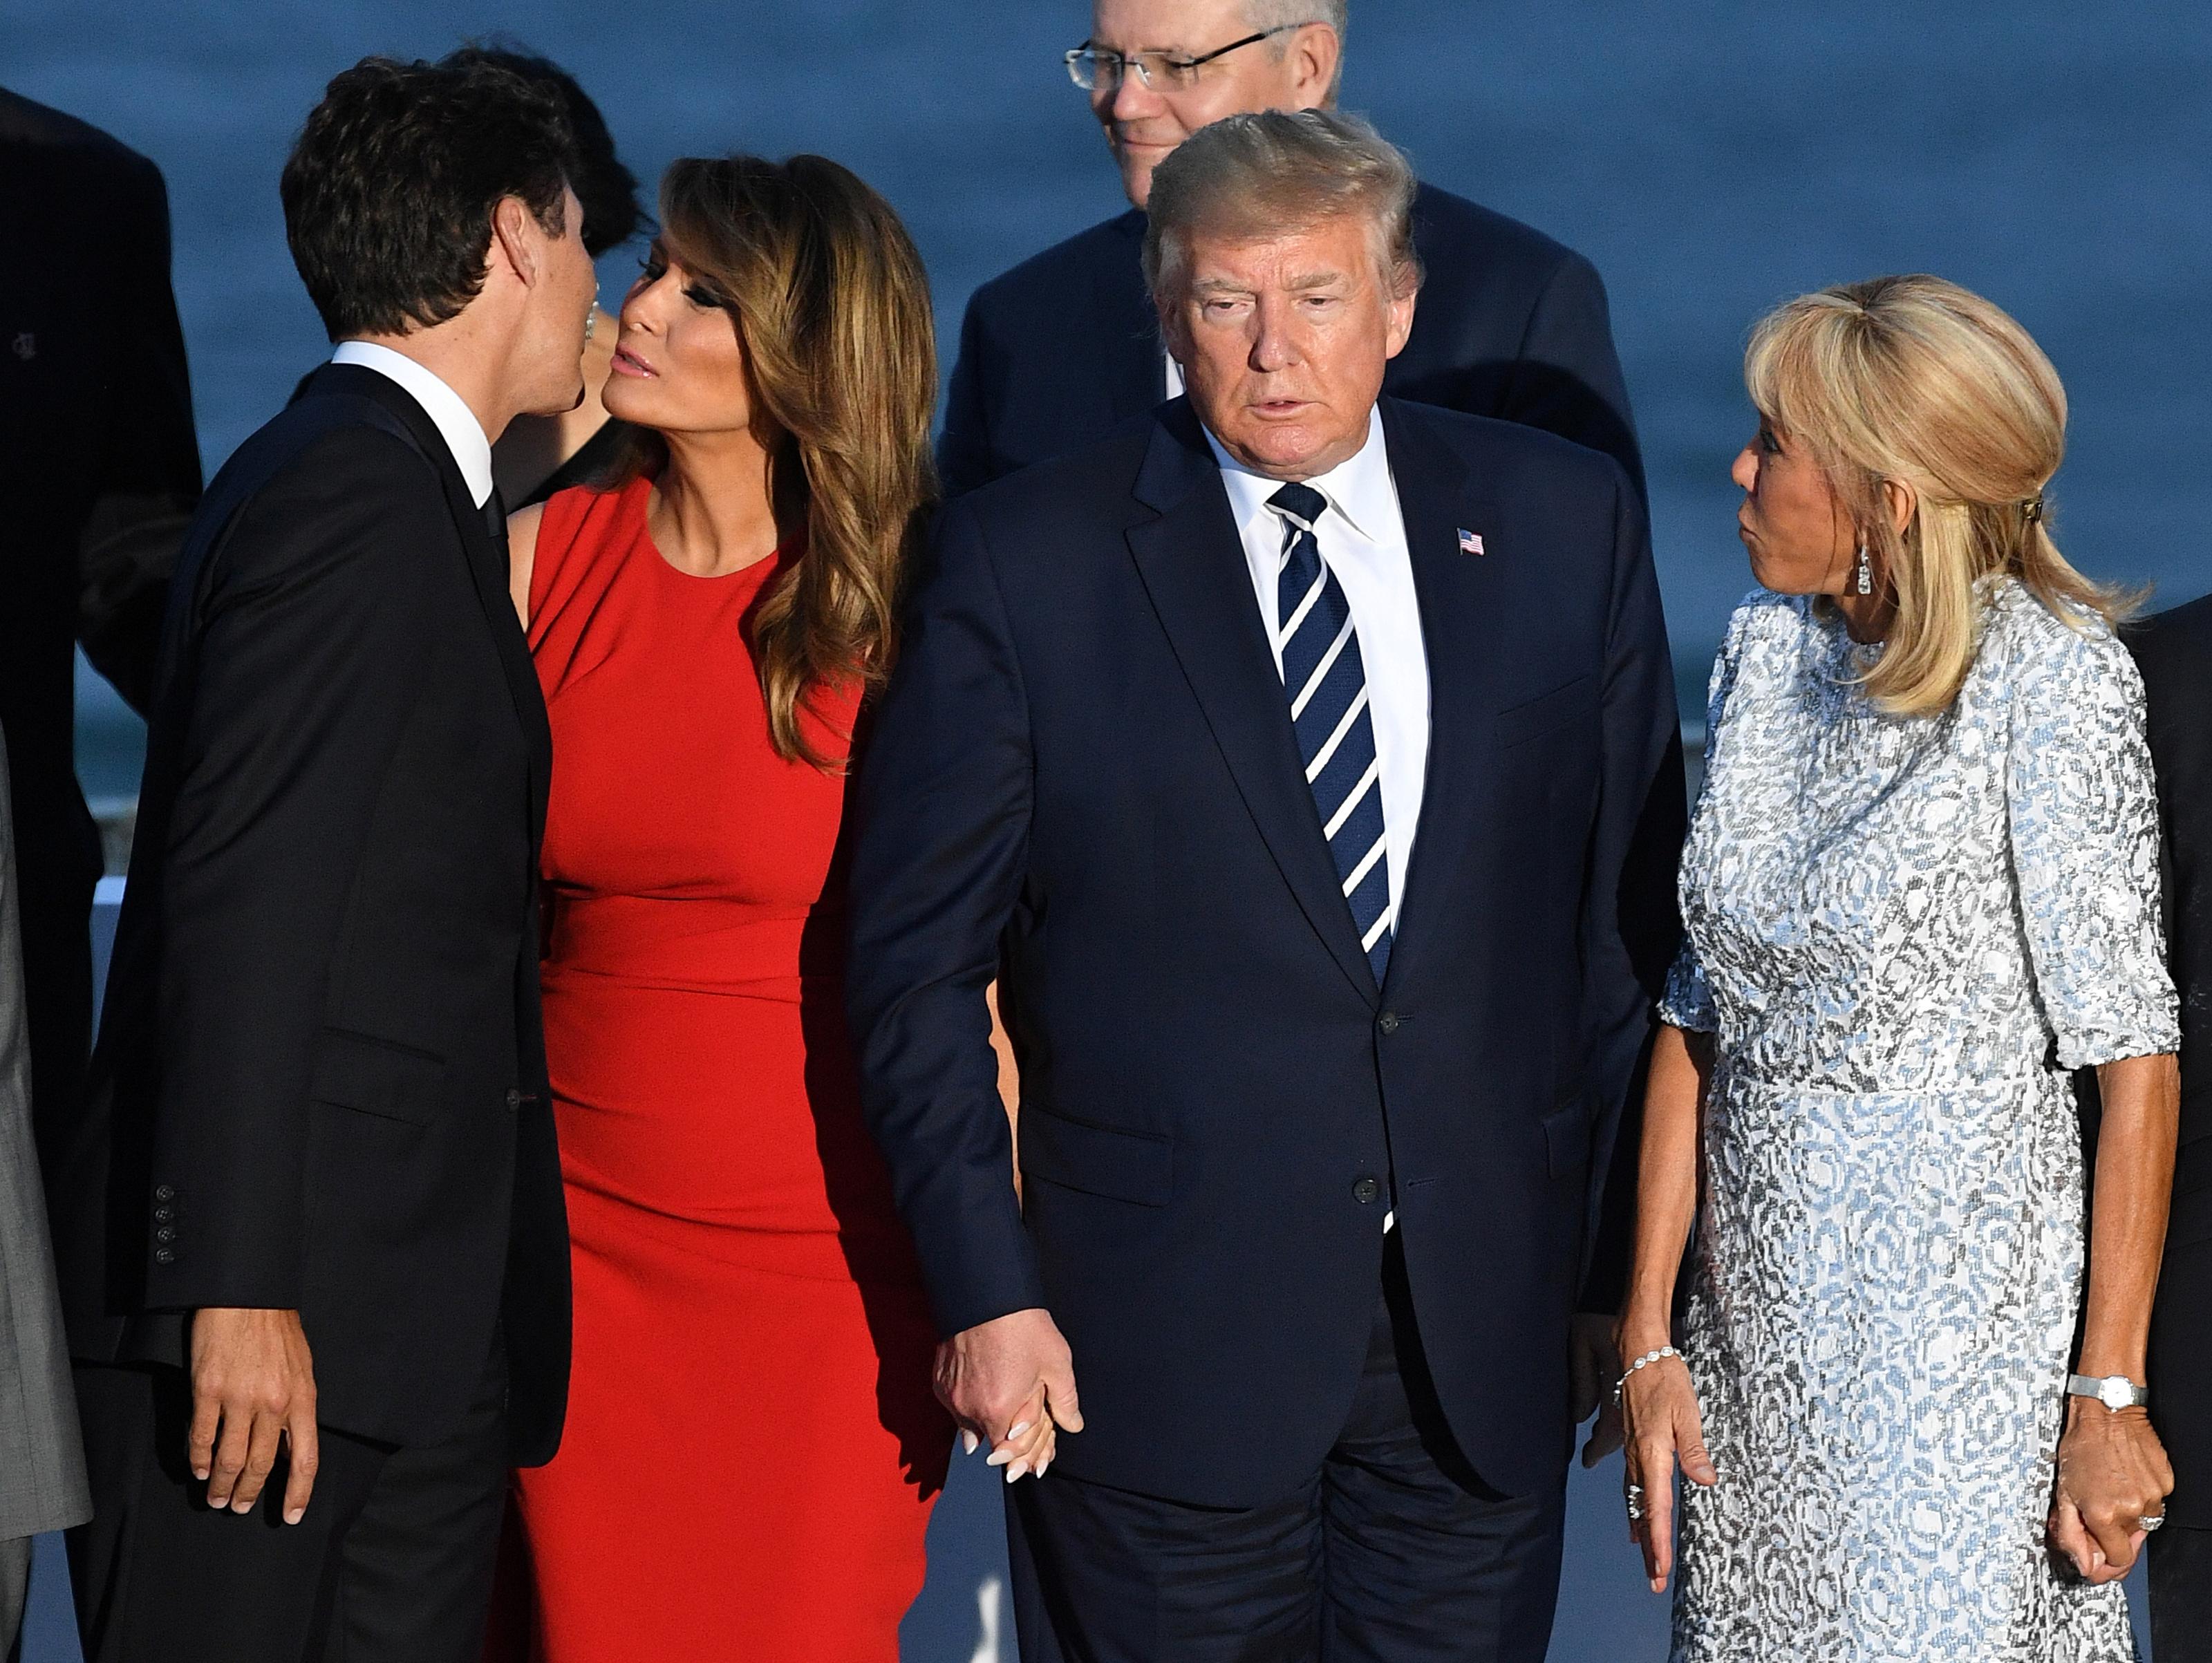 El beso entre el canadiense Justin Trudeau y la primera dama estadounidense Melania Trump fue viral en las redes sociales